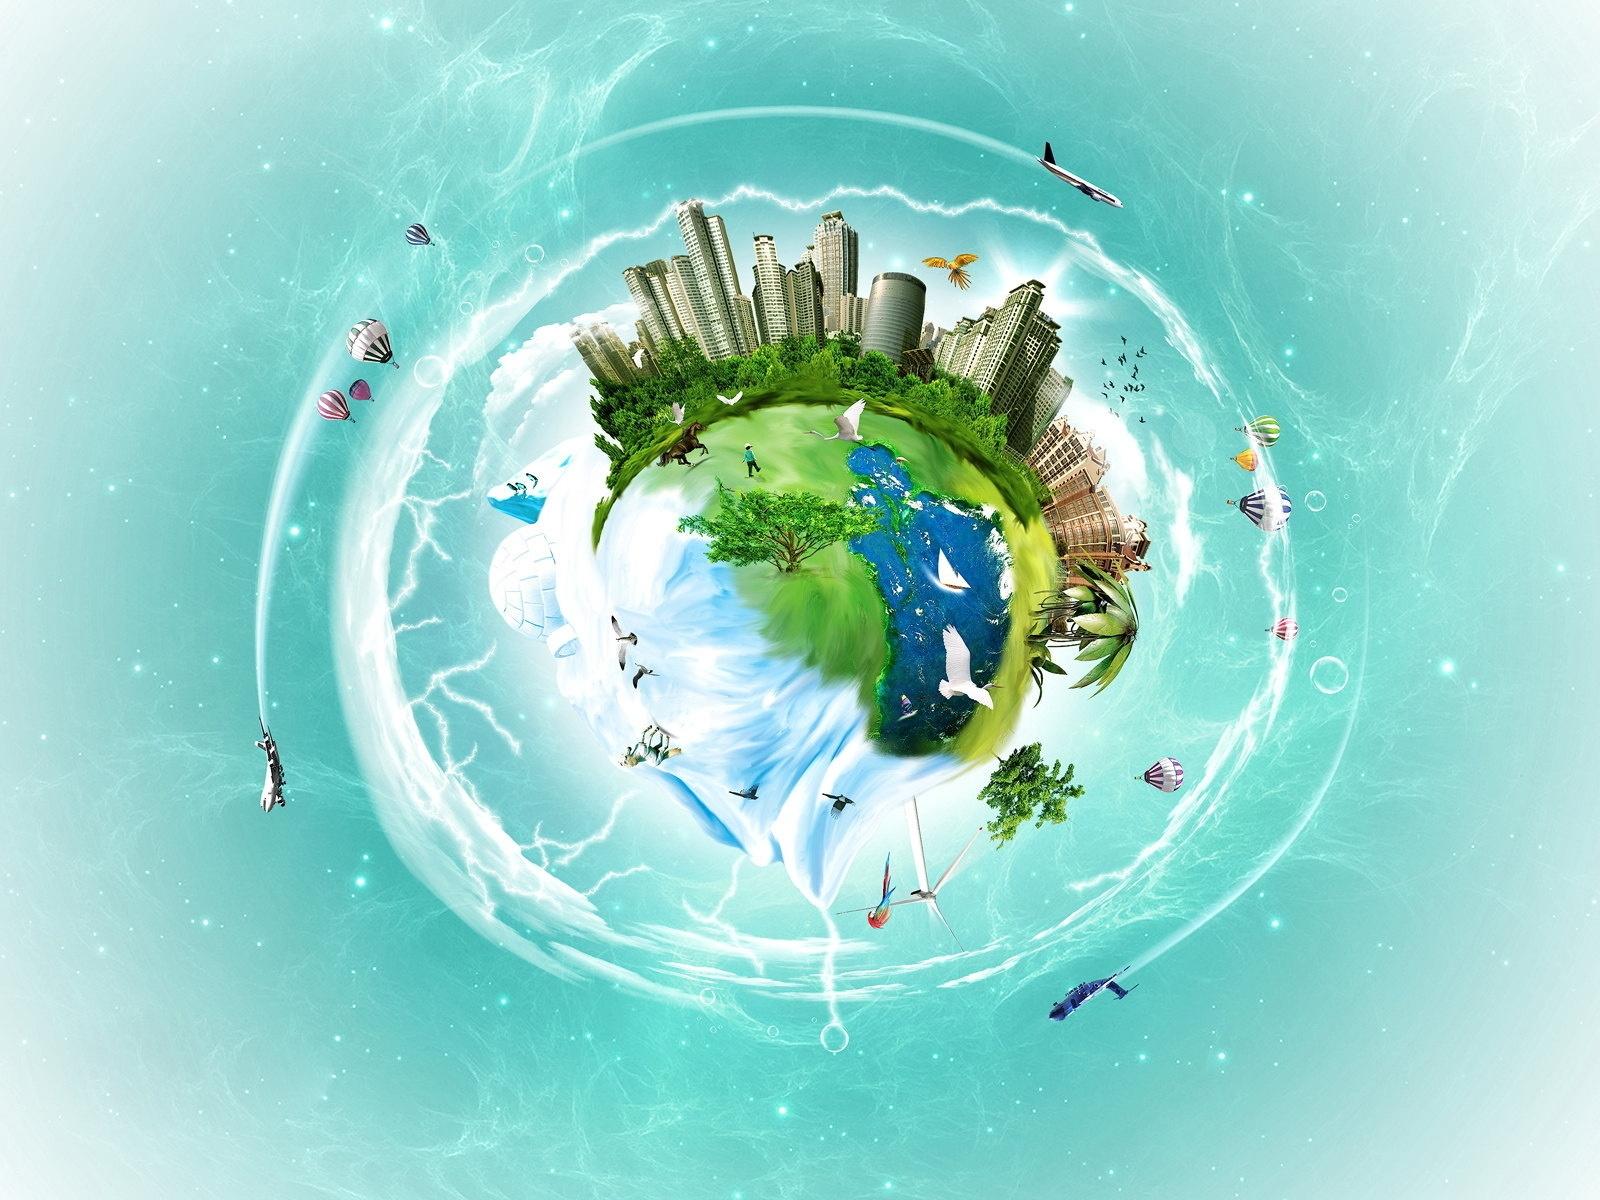 magical world s 3d wallpaper -#main